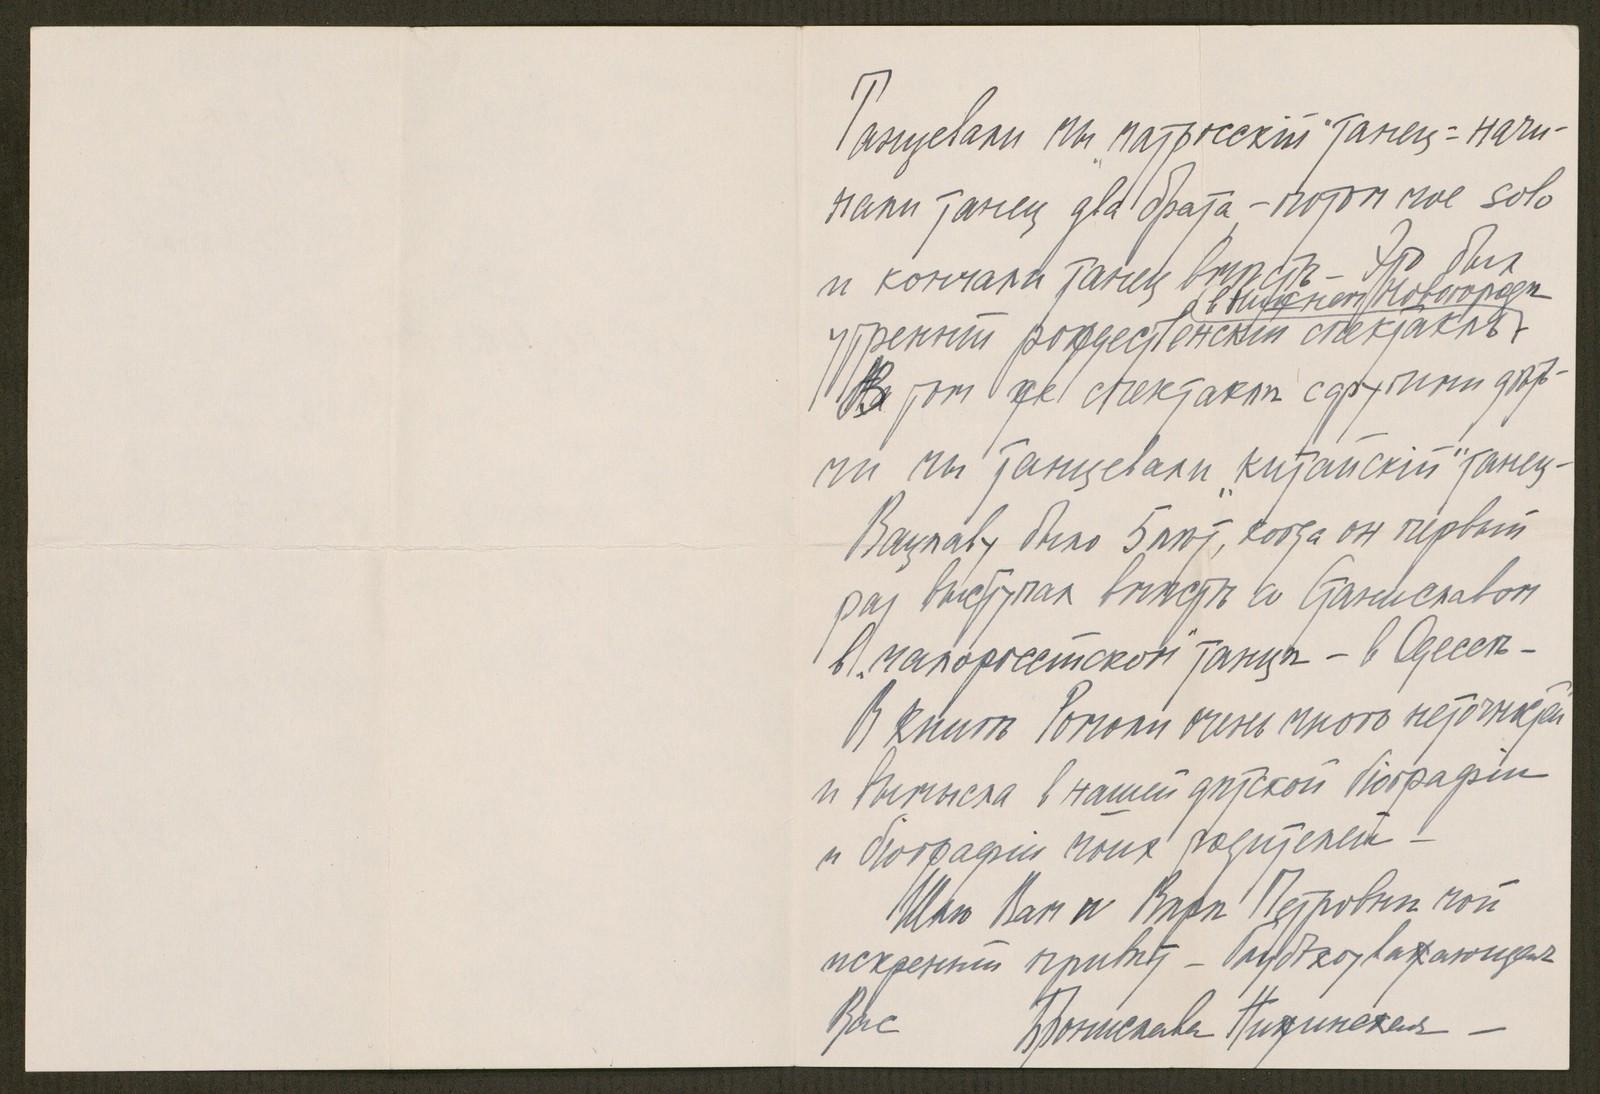 Letter from Nijinska to Fokine, [1940?]